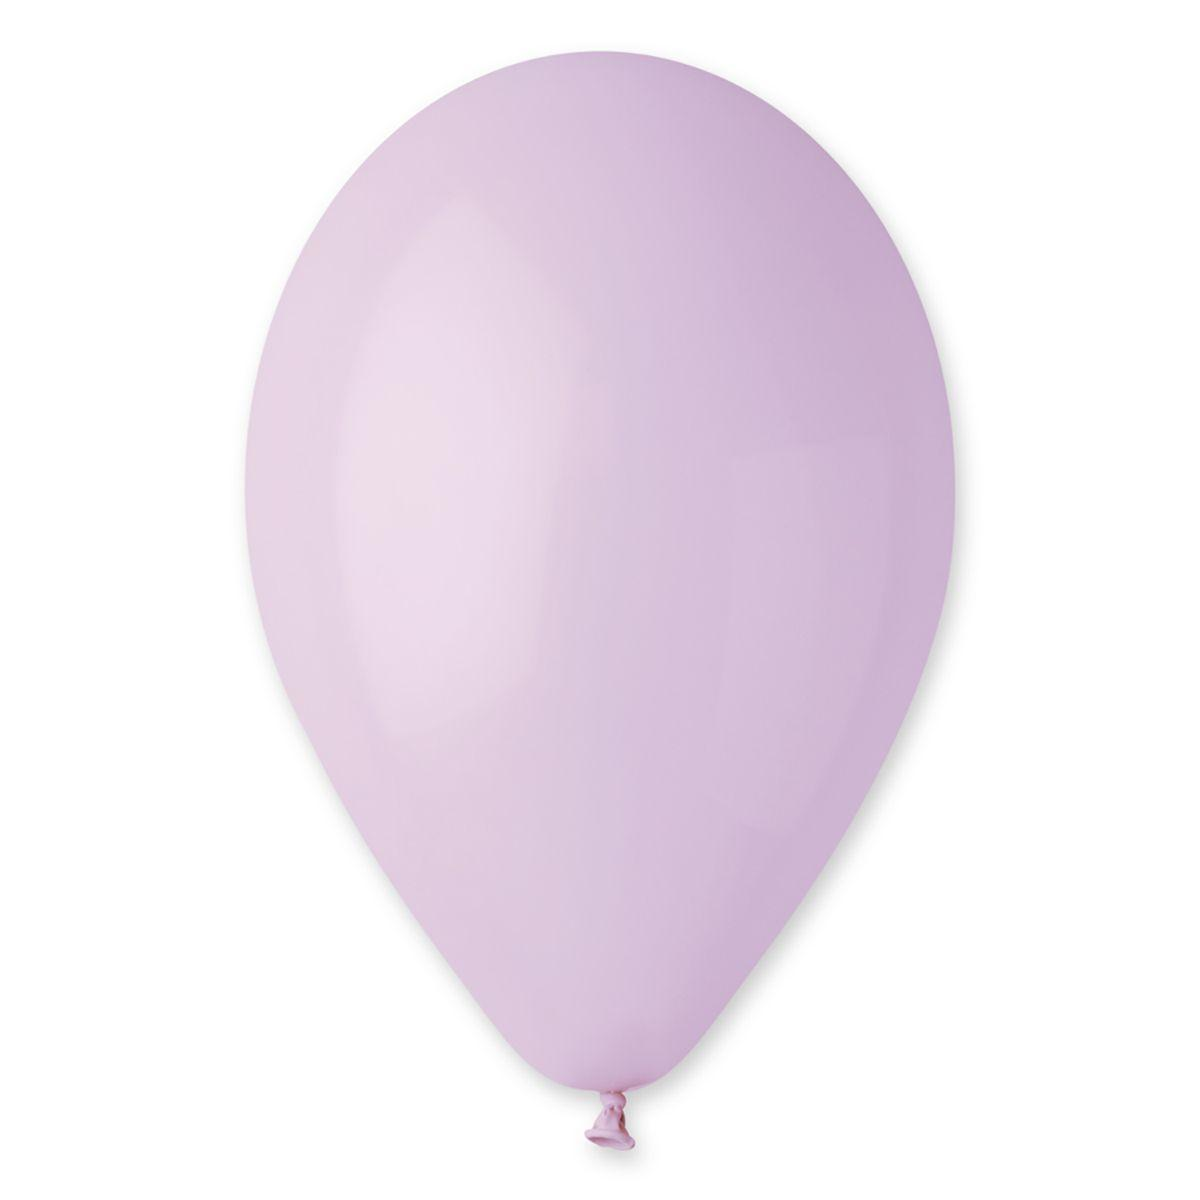 Воздушные шары GEMAR 10/79 (26см) Пастель Сирень от 1 шт